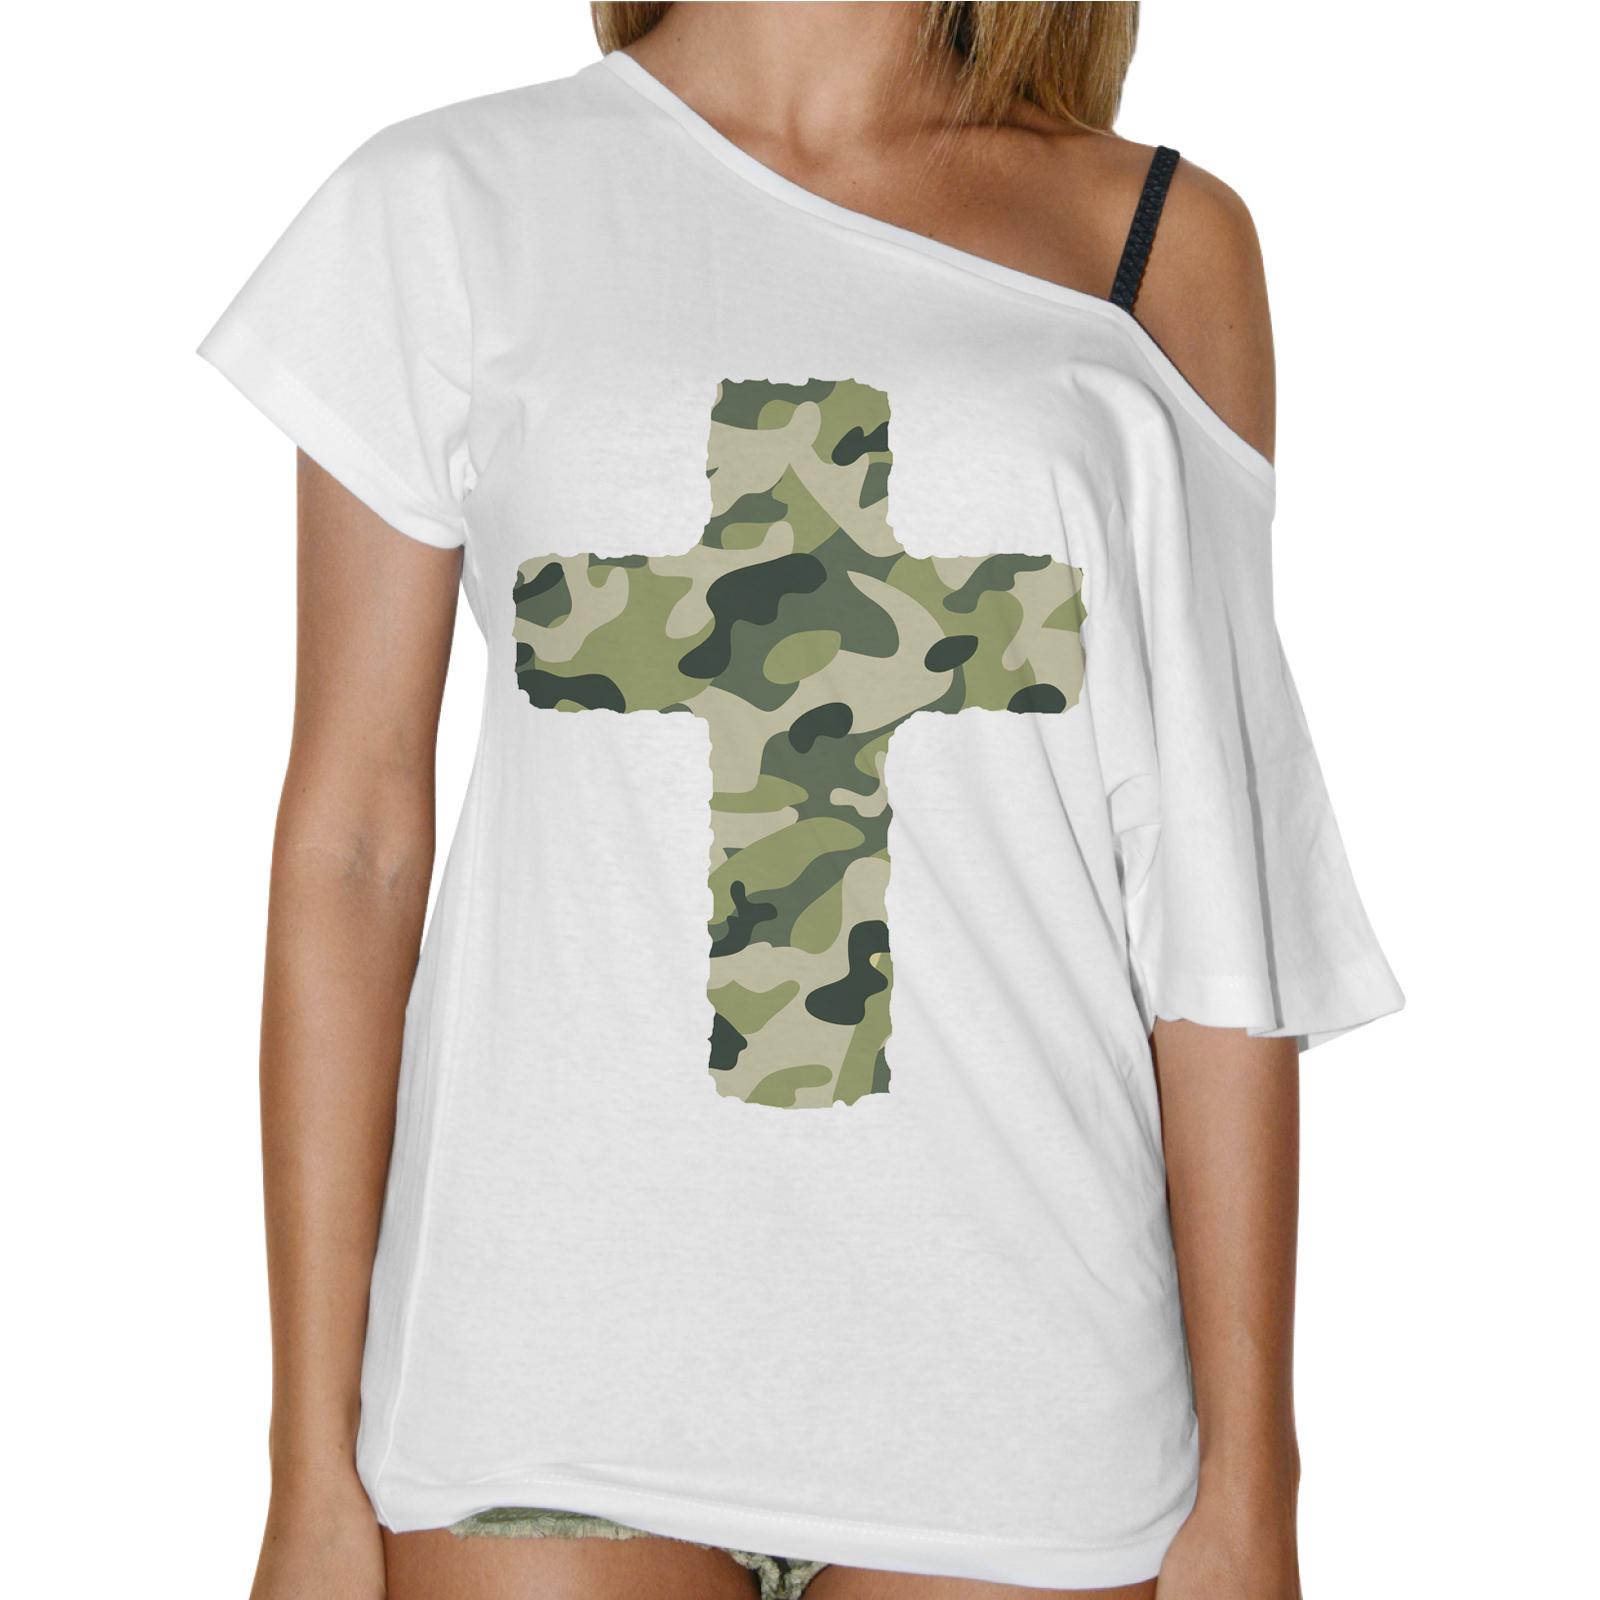 T-Shirt Donna Collo Barca CROCE MILITARE